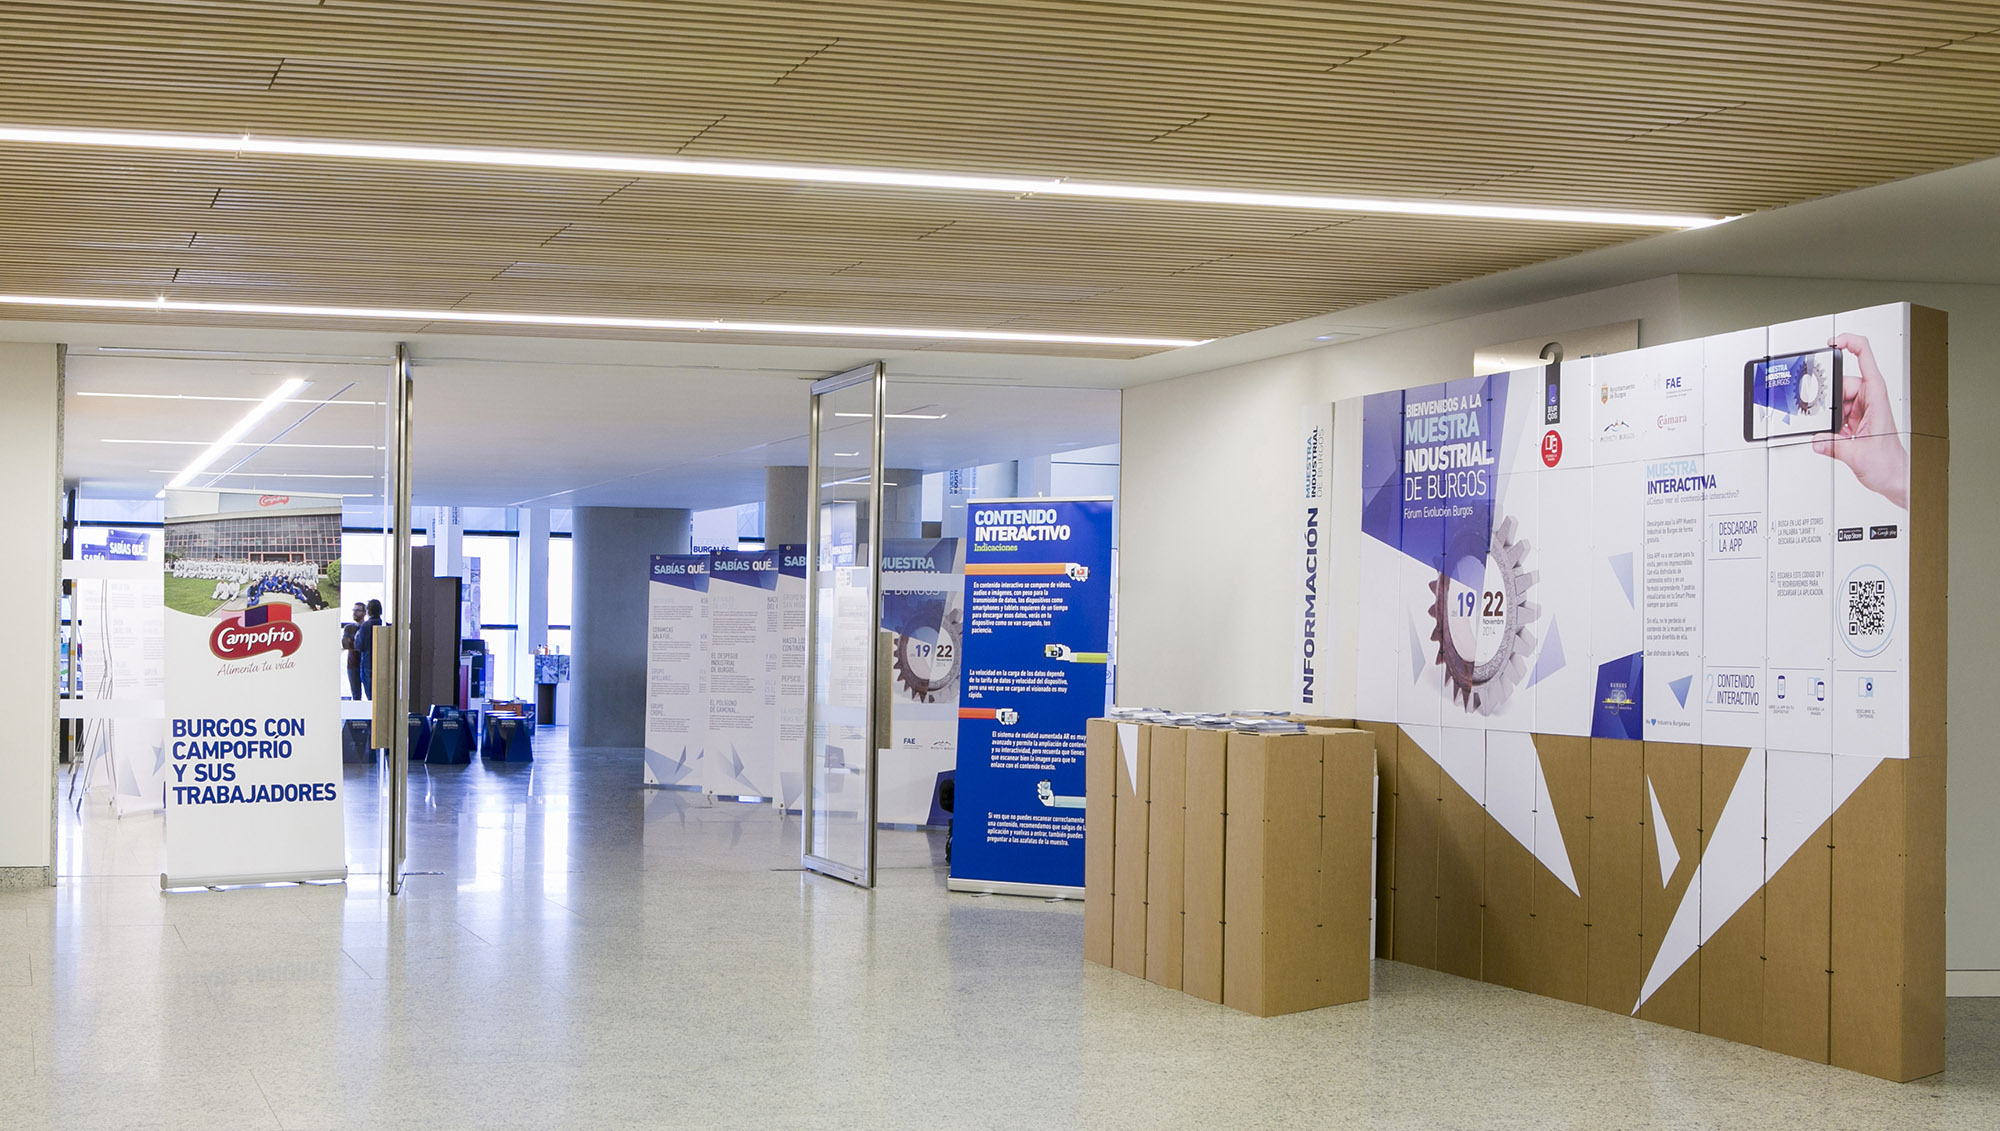 Muestra Industrial de Burgos 19/22 Noviembre 2014 Proyecto de Diseño y Gestión de o2studio Agencia de Publicidad con Sistema Constructivo en Cartón Triplo*